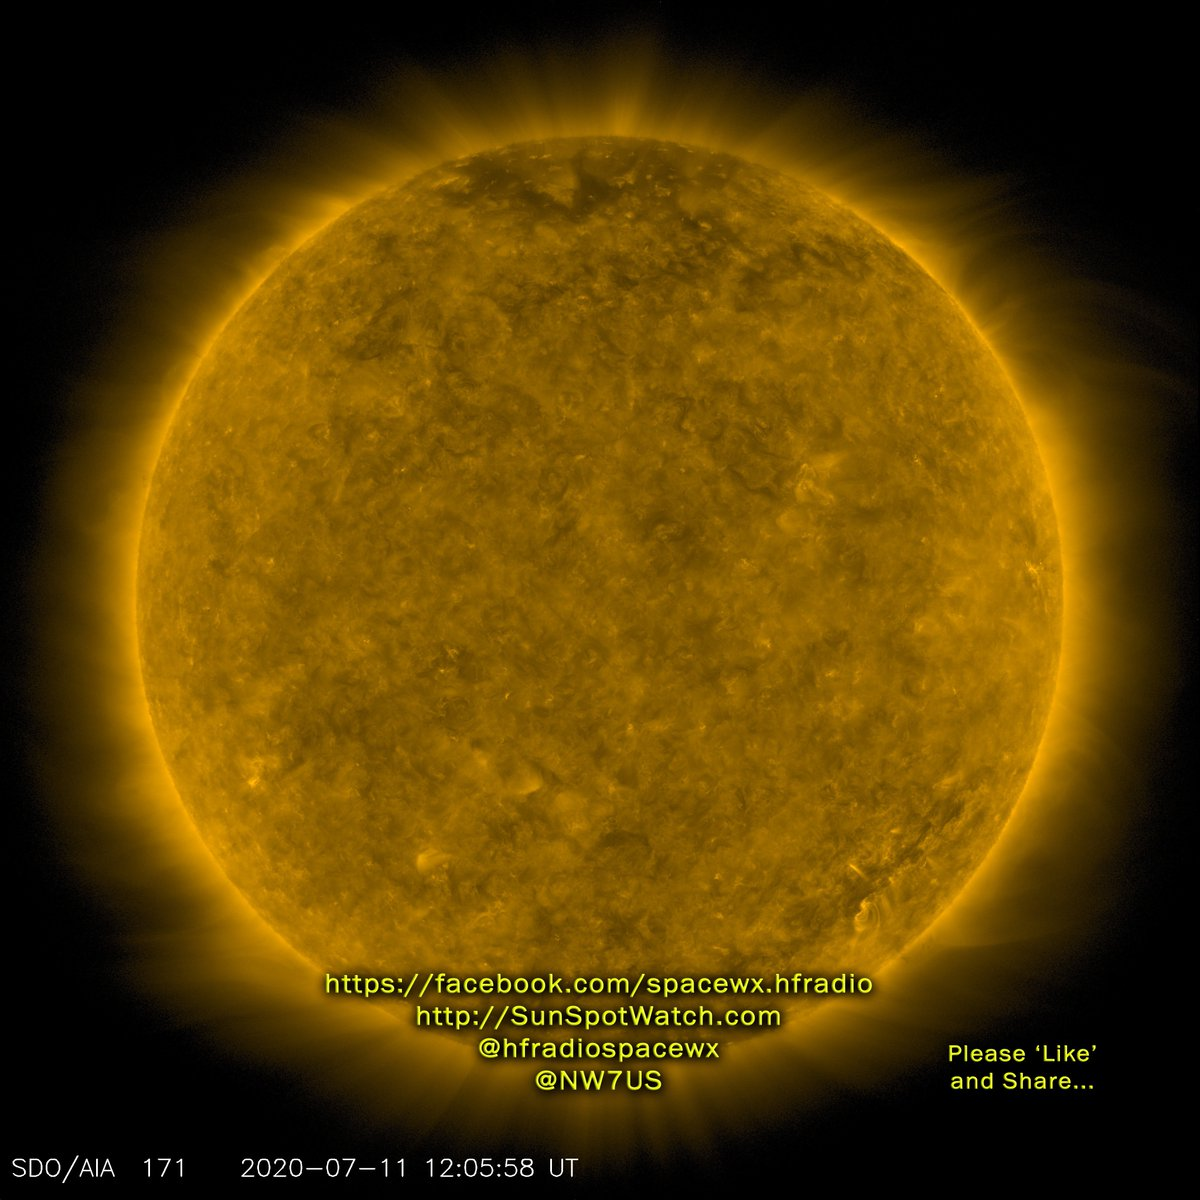 Today's Sun (171A EUV) #spaceweather #spacewx #solarstorm #hamr #swl https://t.co/K9SvEinJpZ